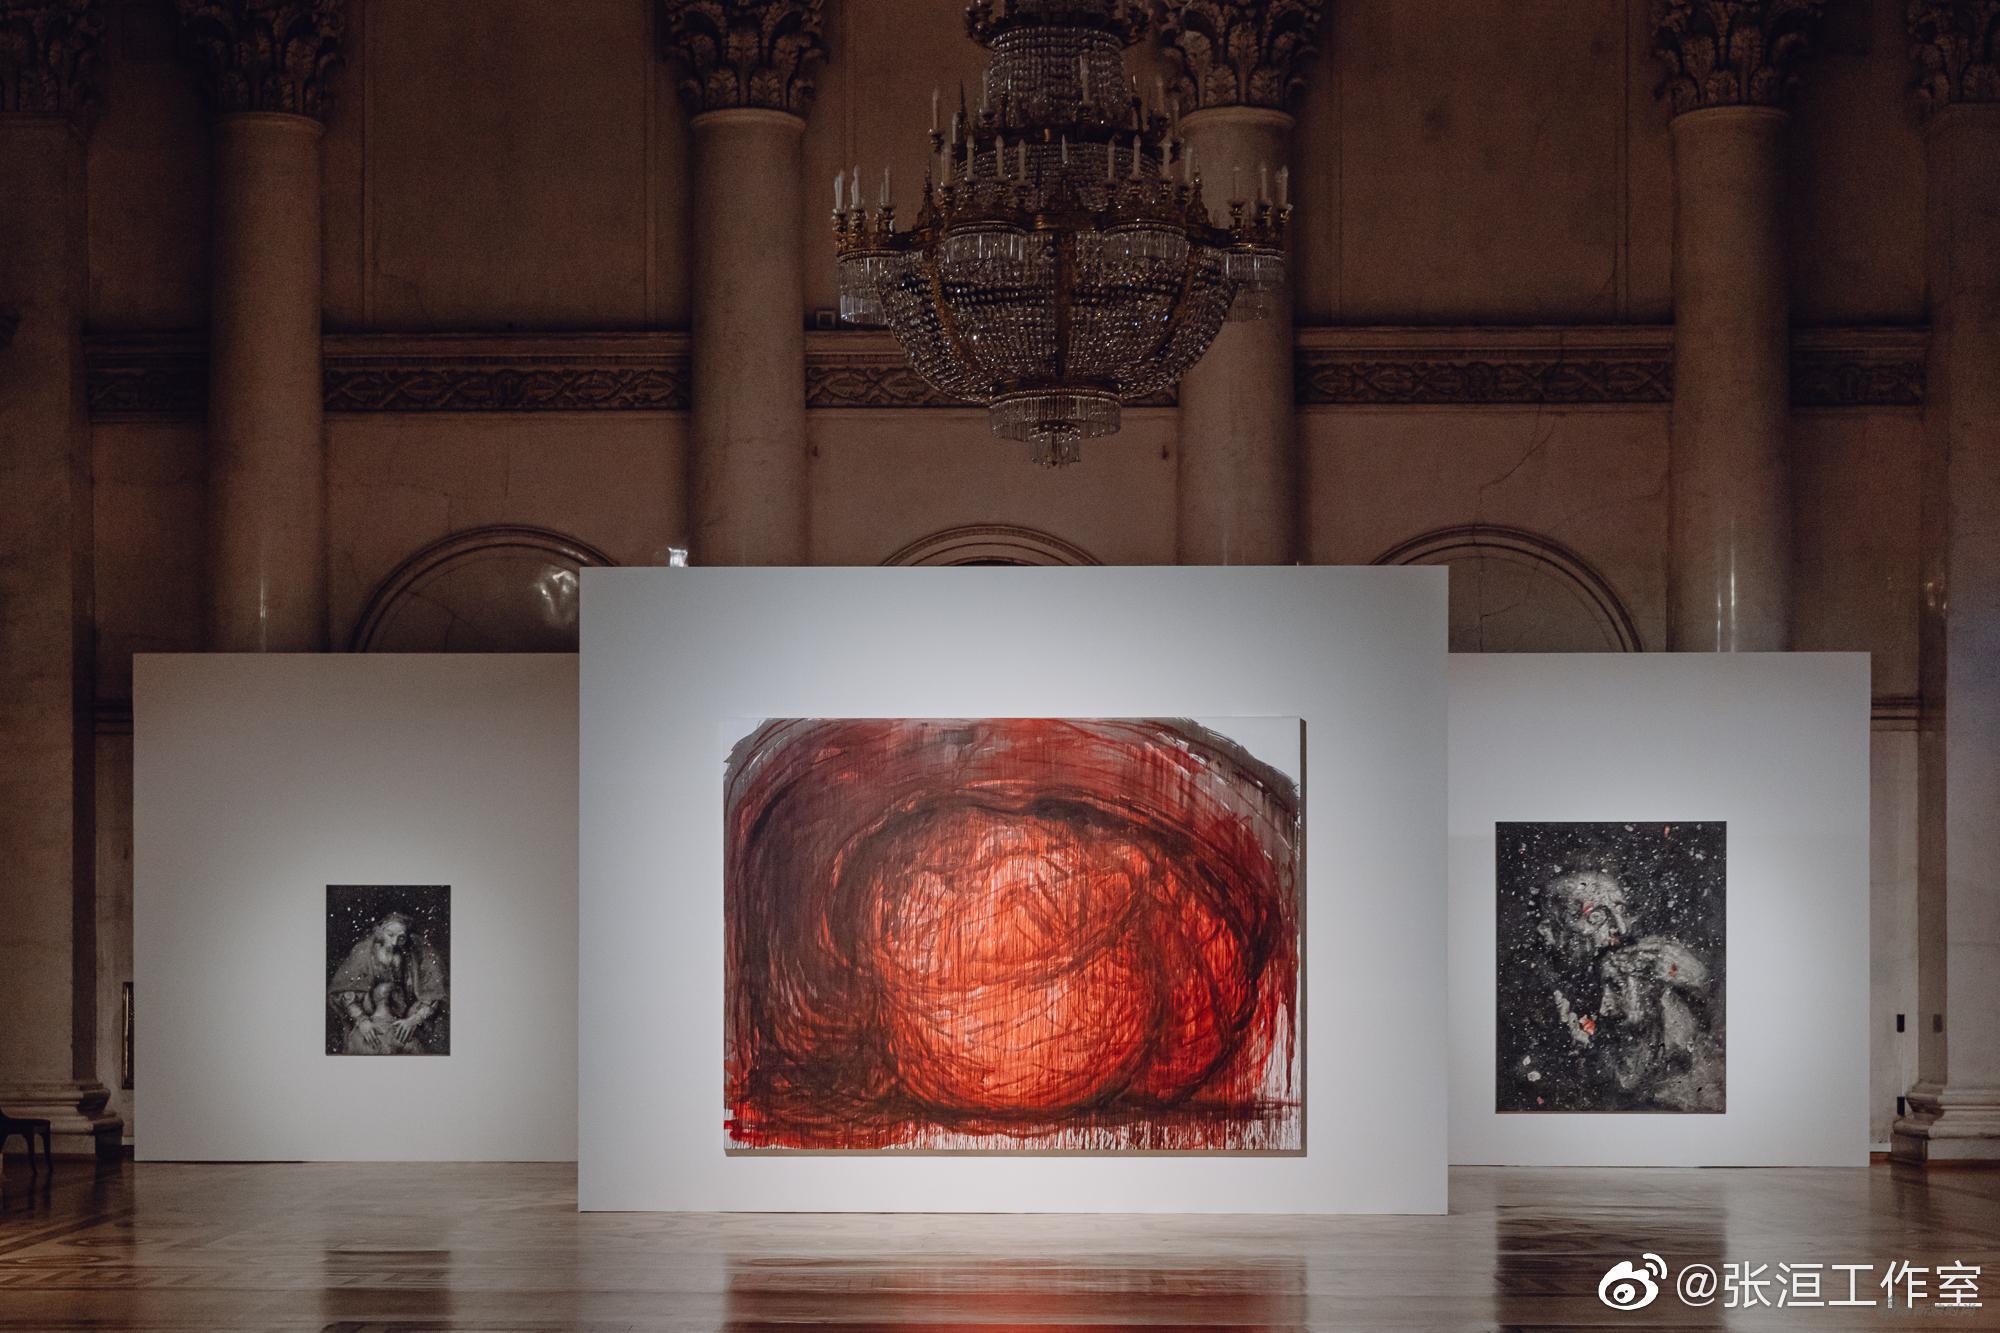 圖片由@藝術門畫廊PearlLamGalleries 和@張洹工作室 提供 ,攝影 | Alexander Murashkin